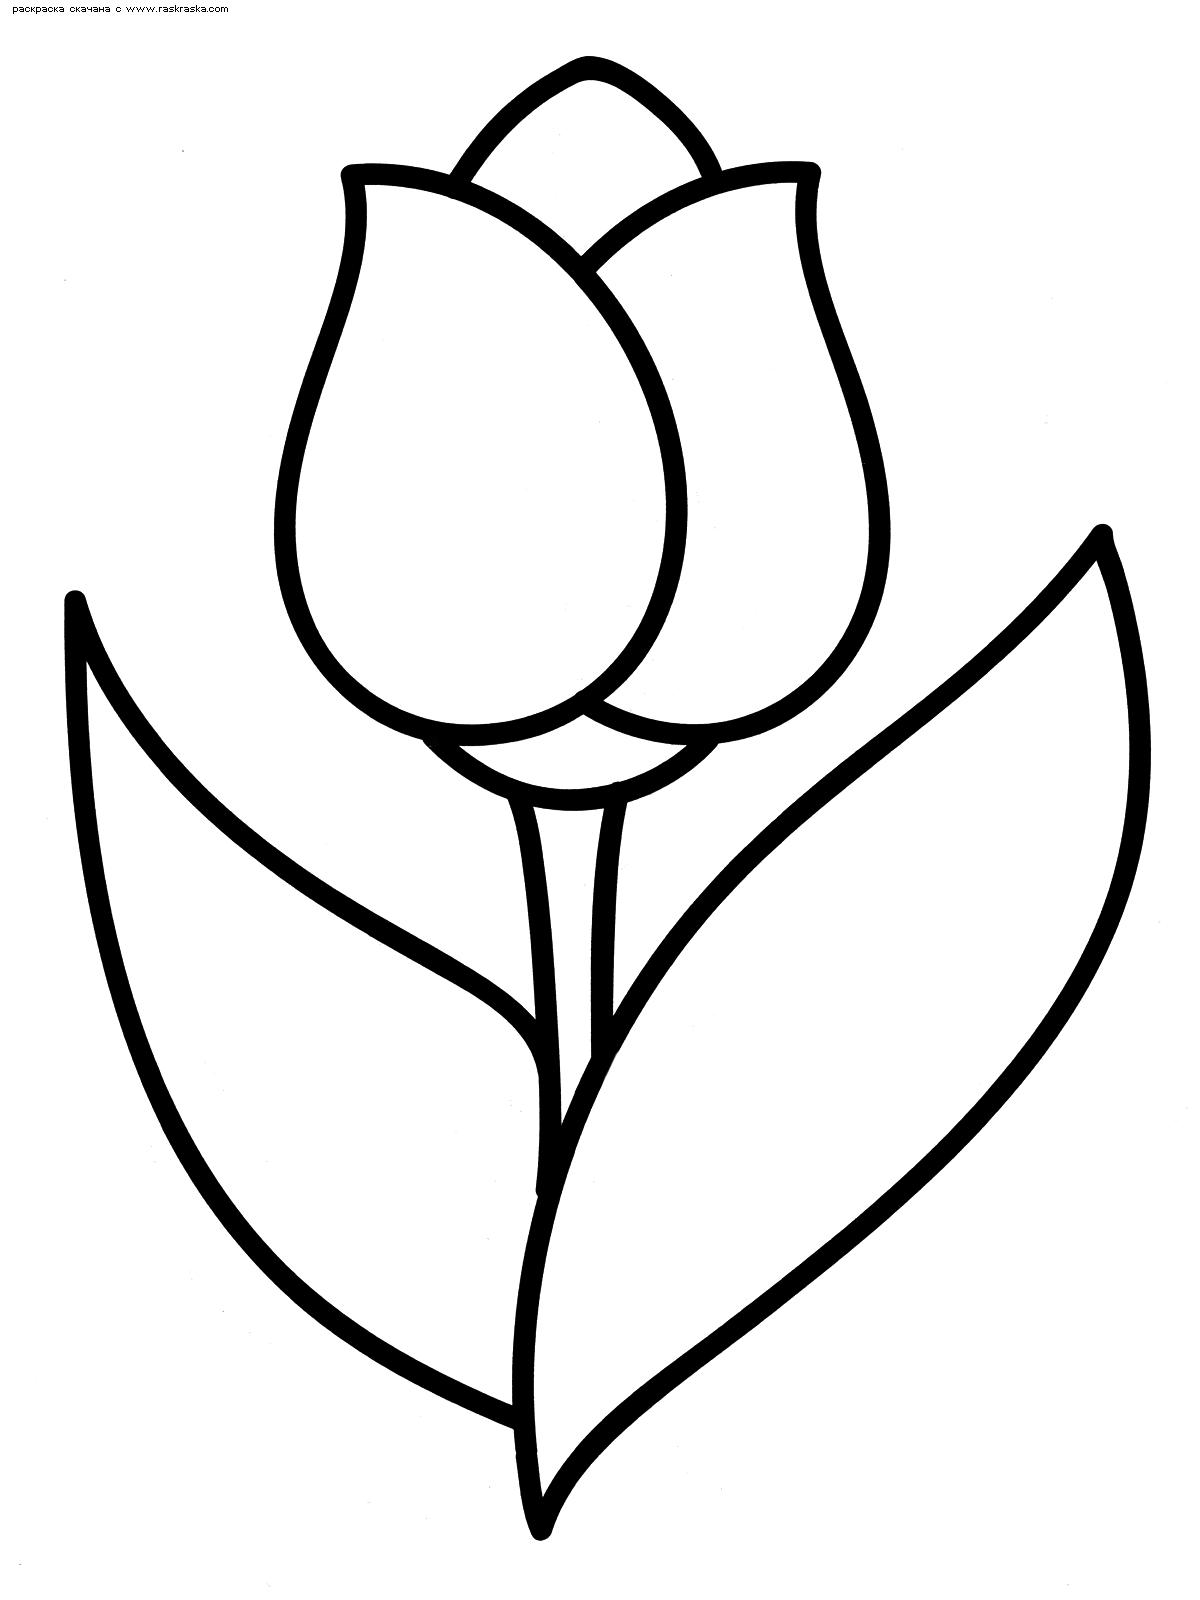 Раскраска Тюльпан. Раскраска цветок, тюльпан